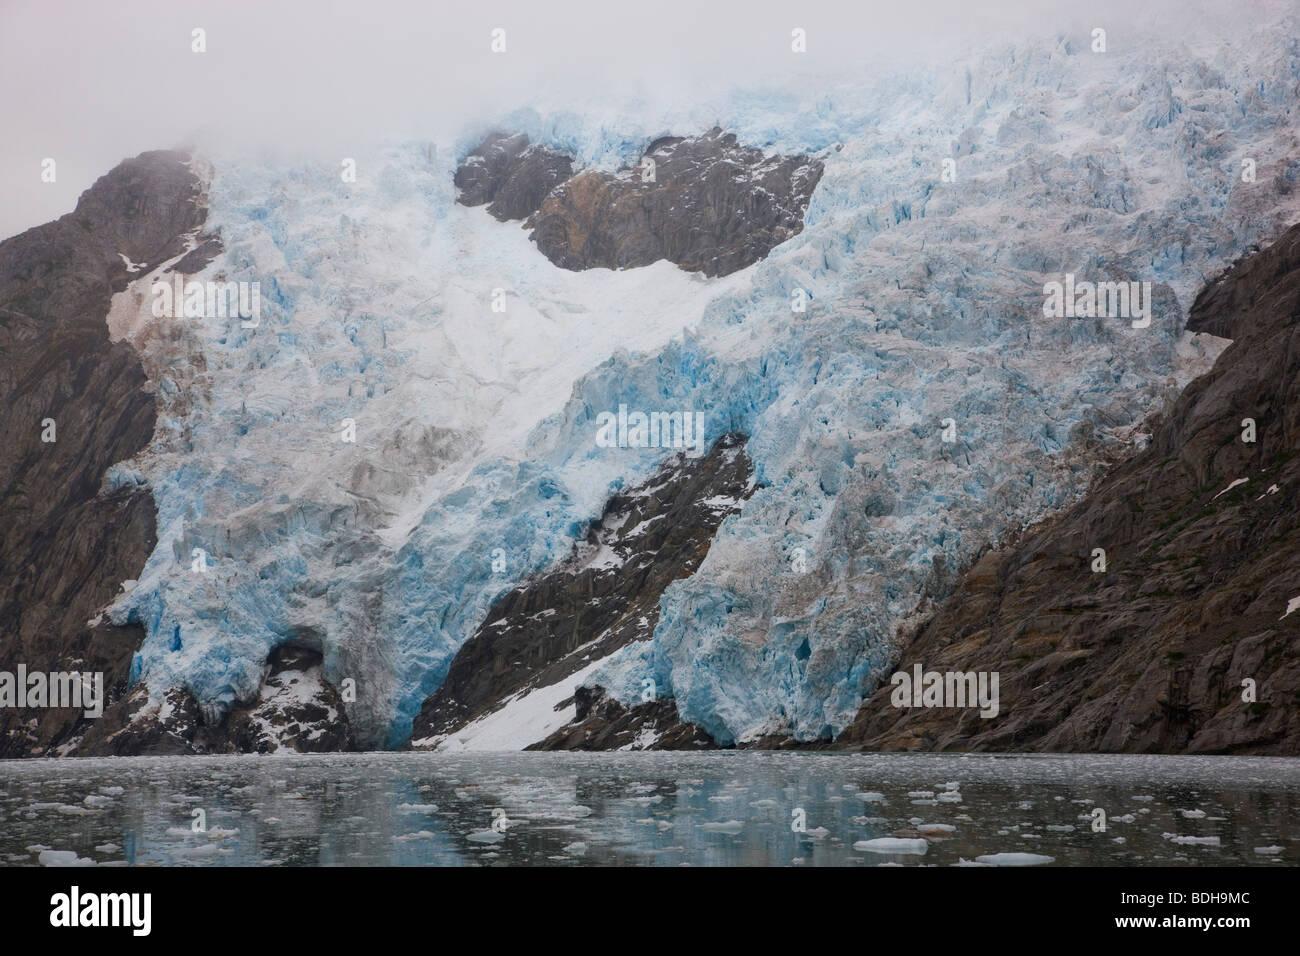 Noroeste del glaciar, noroeste del fiordo, Parque Nacional de los fiordos de Kenai, Alaska. Foto de stock